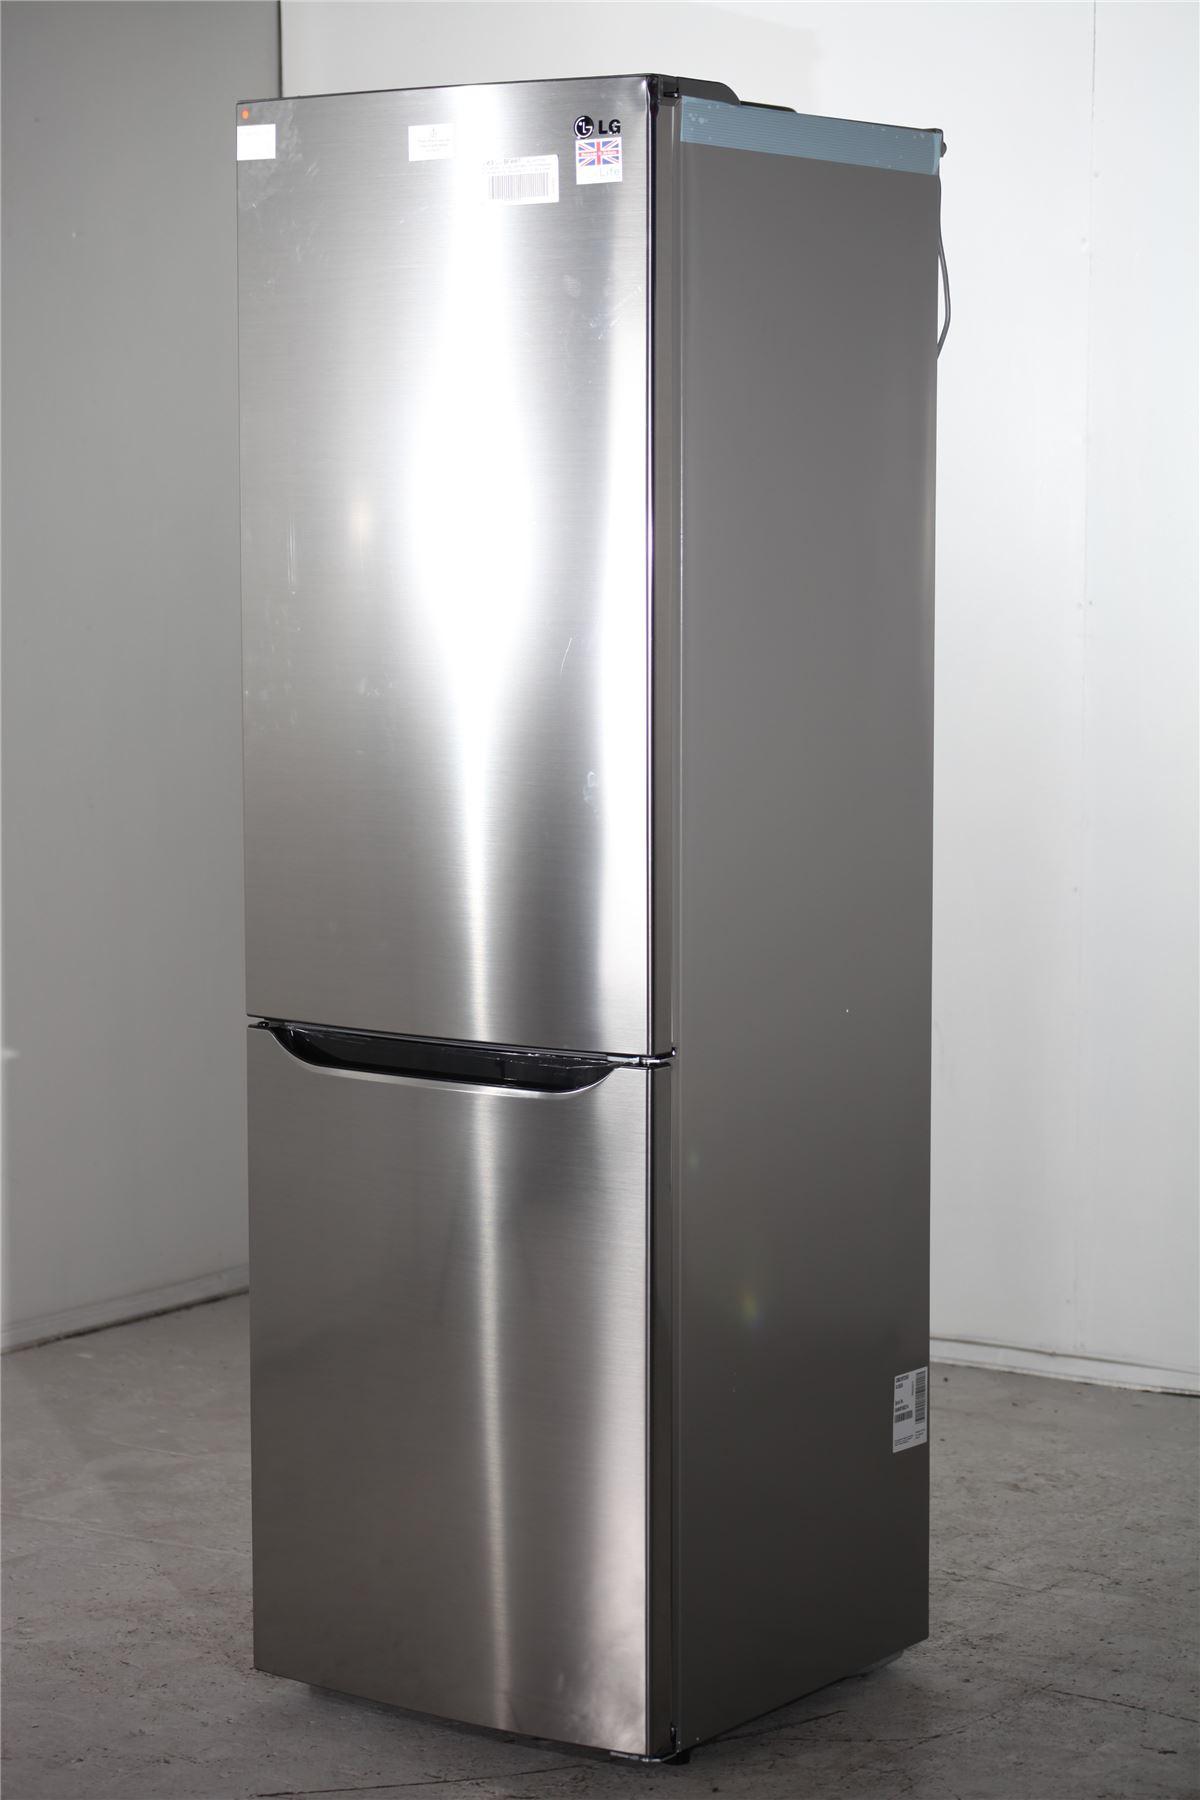 preloved lg fridge freezer gbb39pzcws silver for. Black Bedroom Furniture Sets. Home Design Ideas